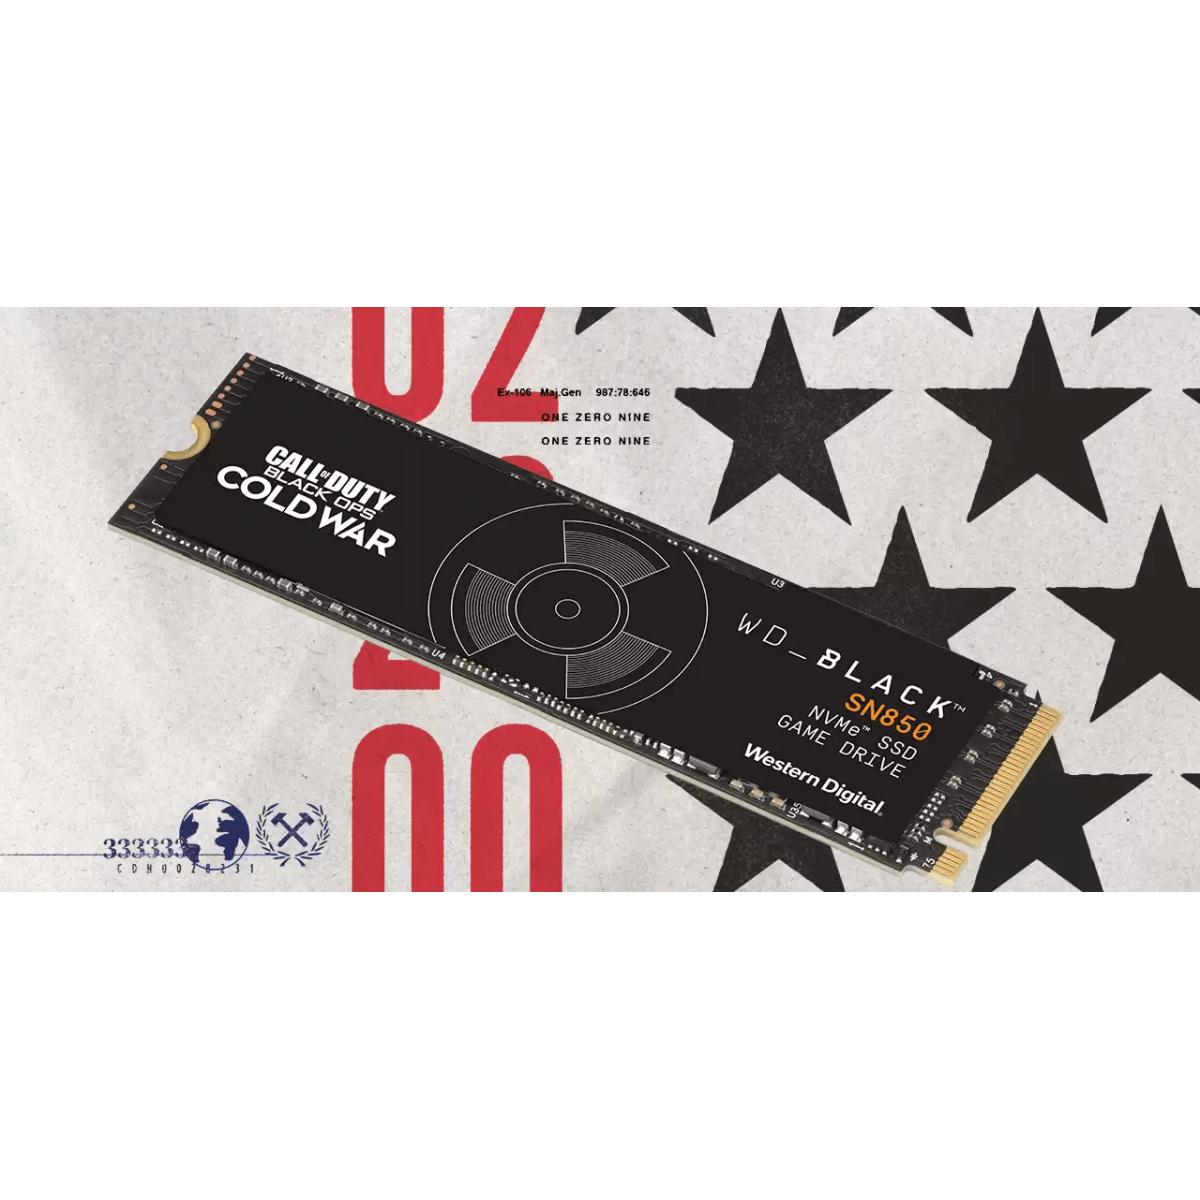 SSD WD SN850 Call of Duty Edition, 1TB, M.2 NVMe, Leitura 7.000 MB/s e Gravação 5.300 MB/s, WDBB2F0010BNC-WRSN